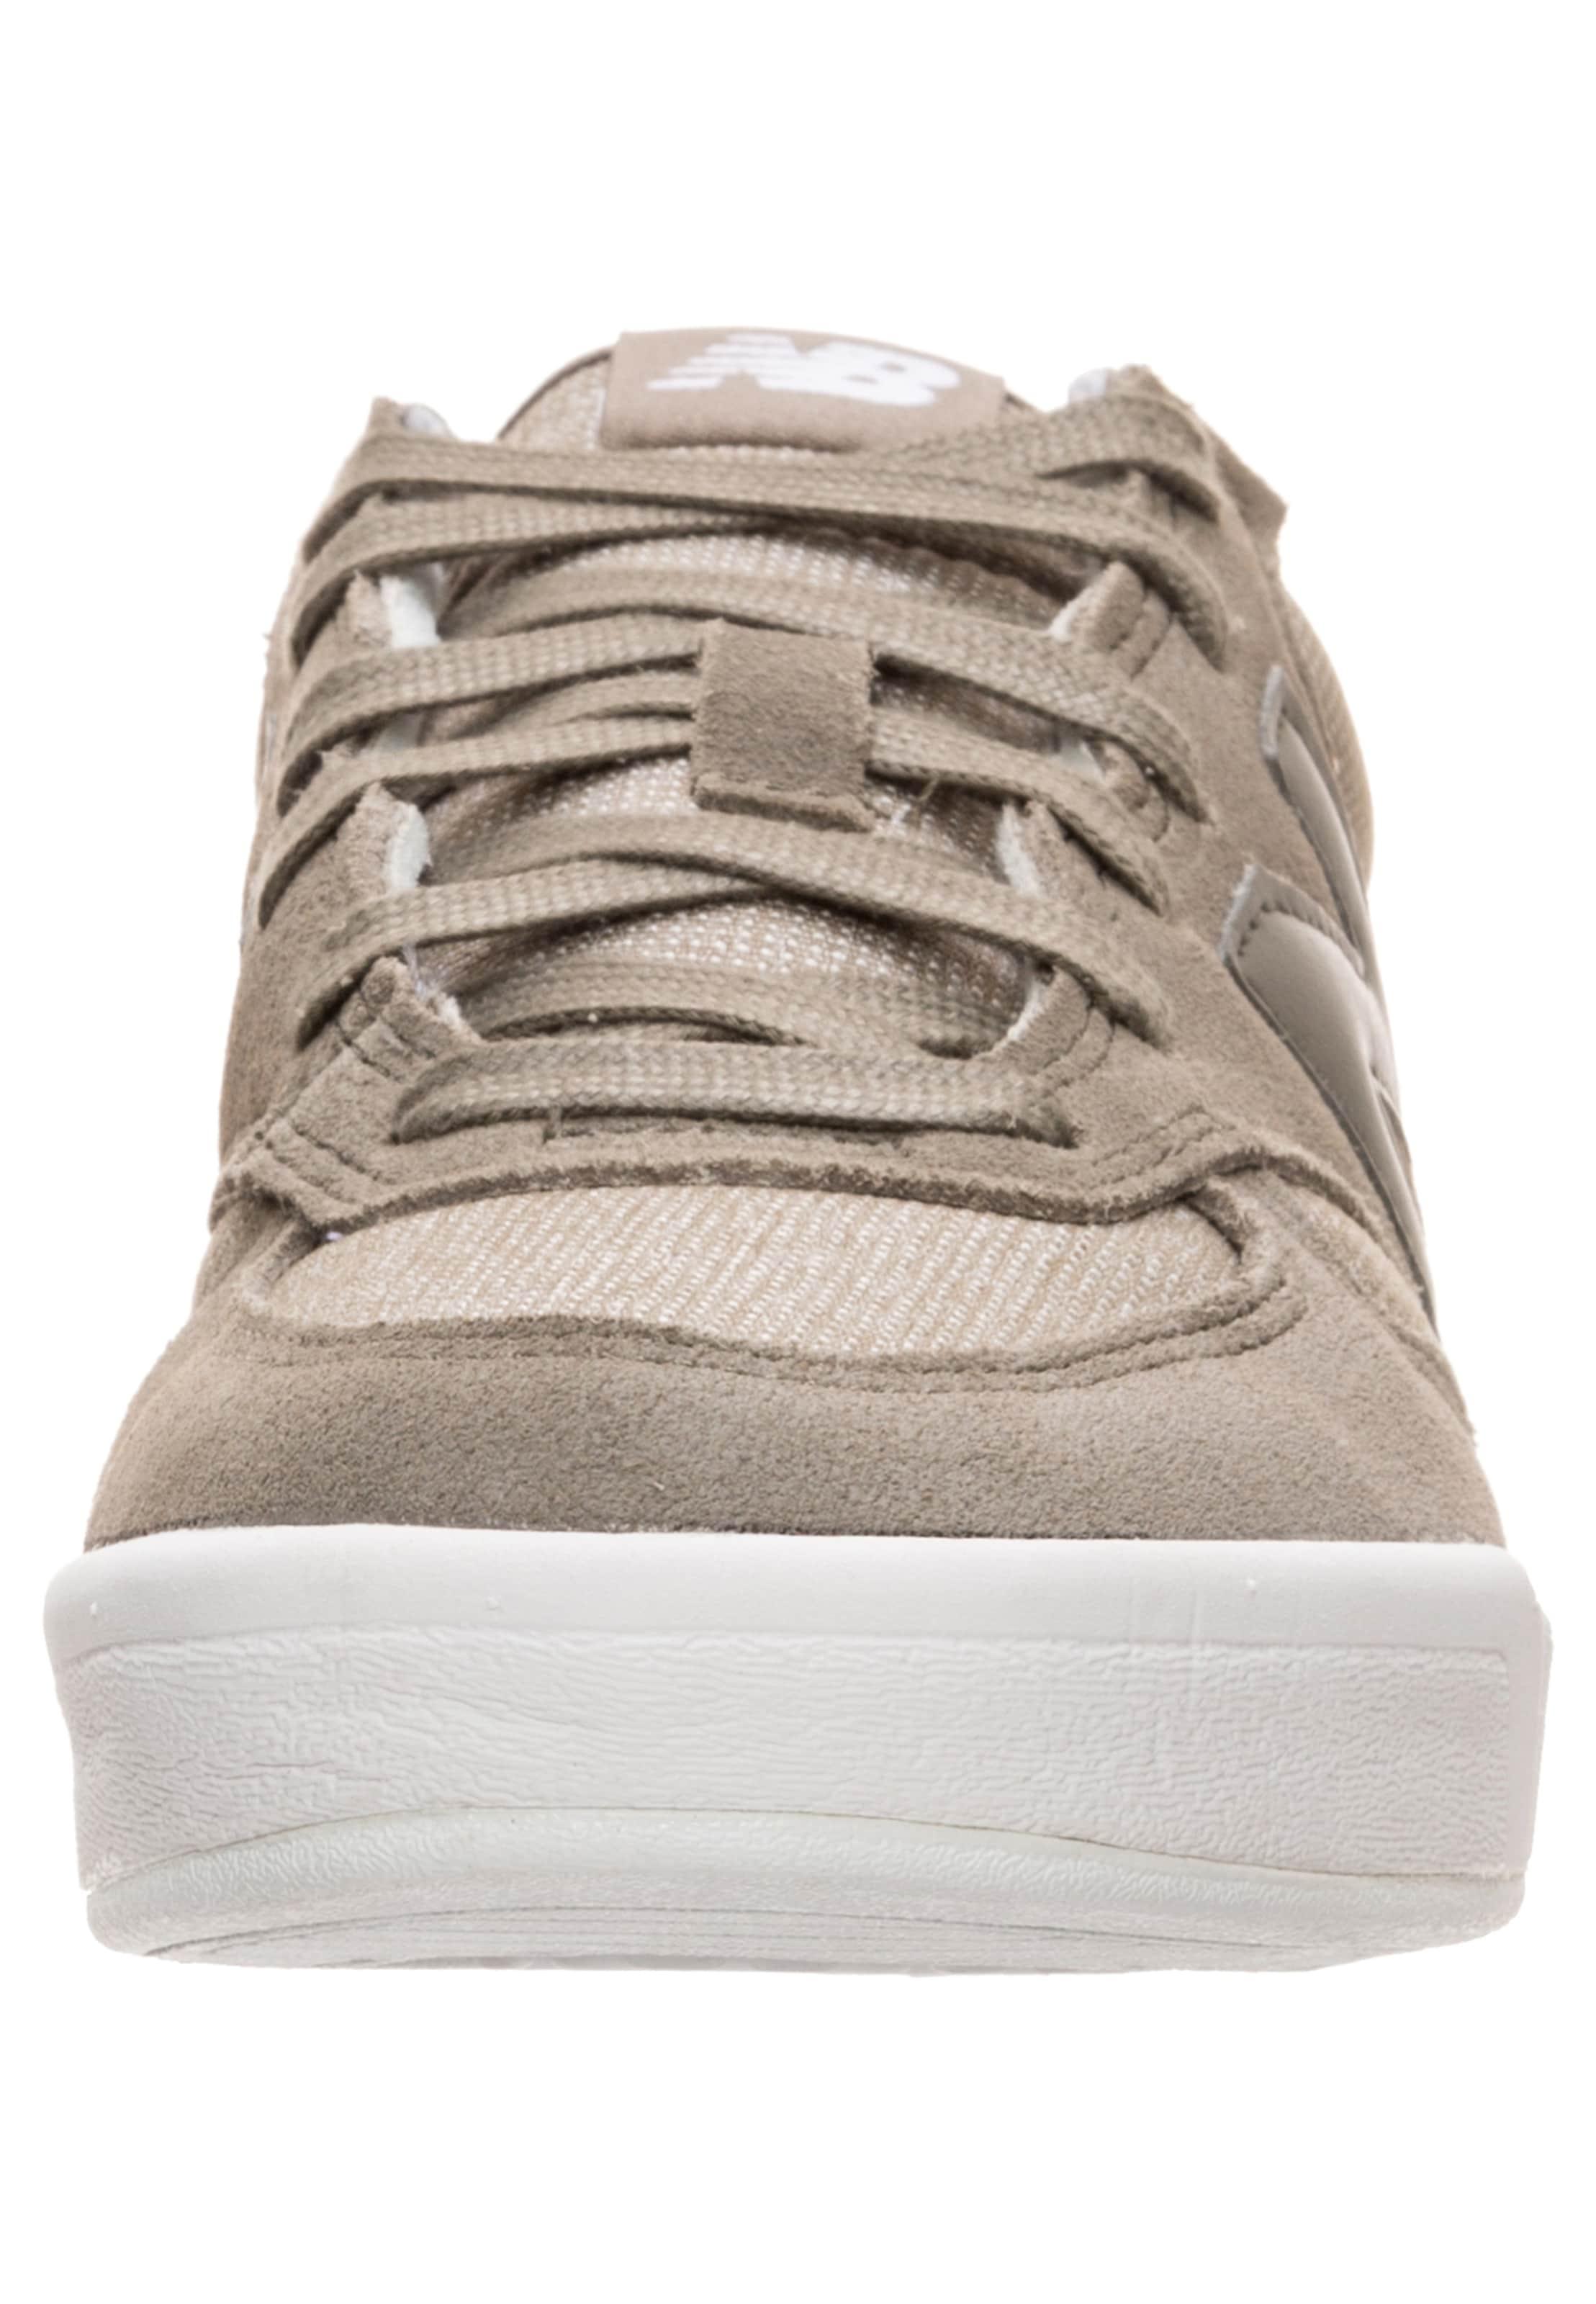 In Sneaker New 'wrt300 fo b' Balance Dunkelbeige rsdthQC